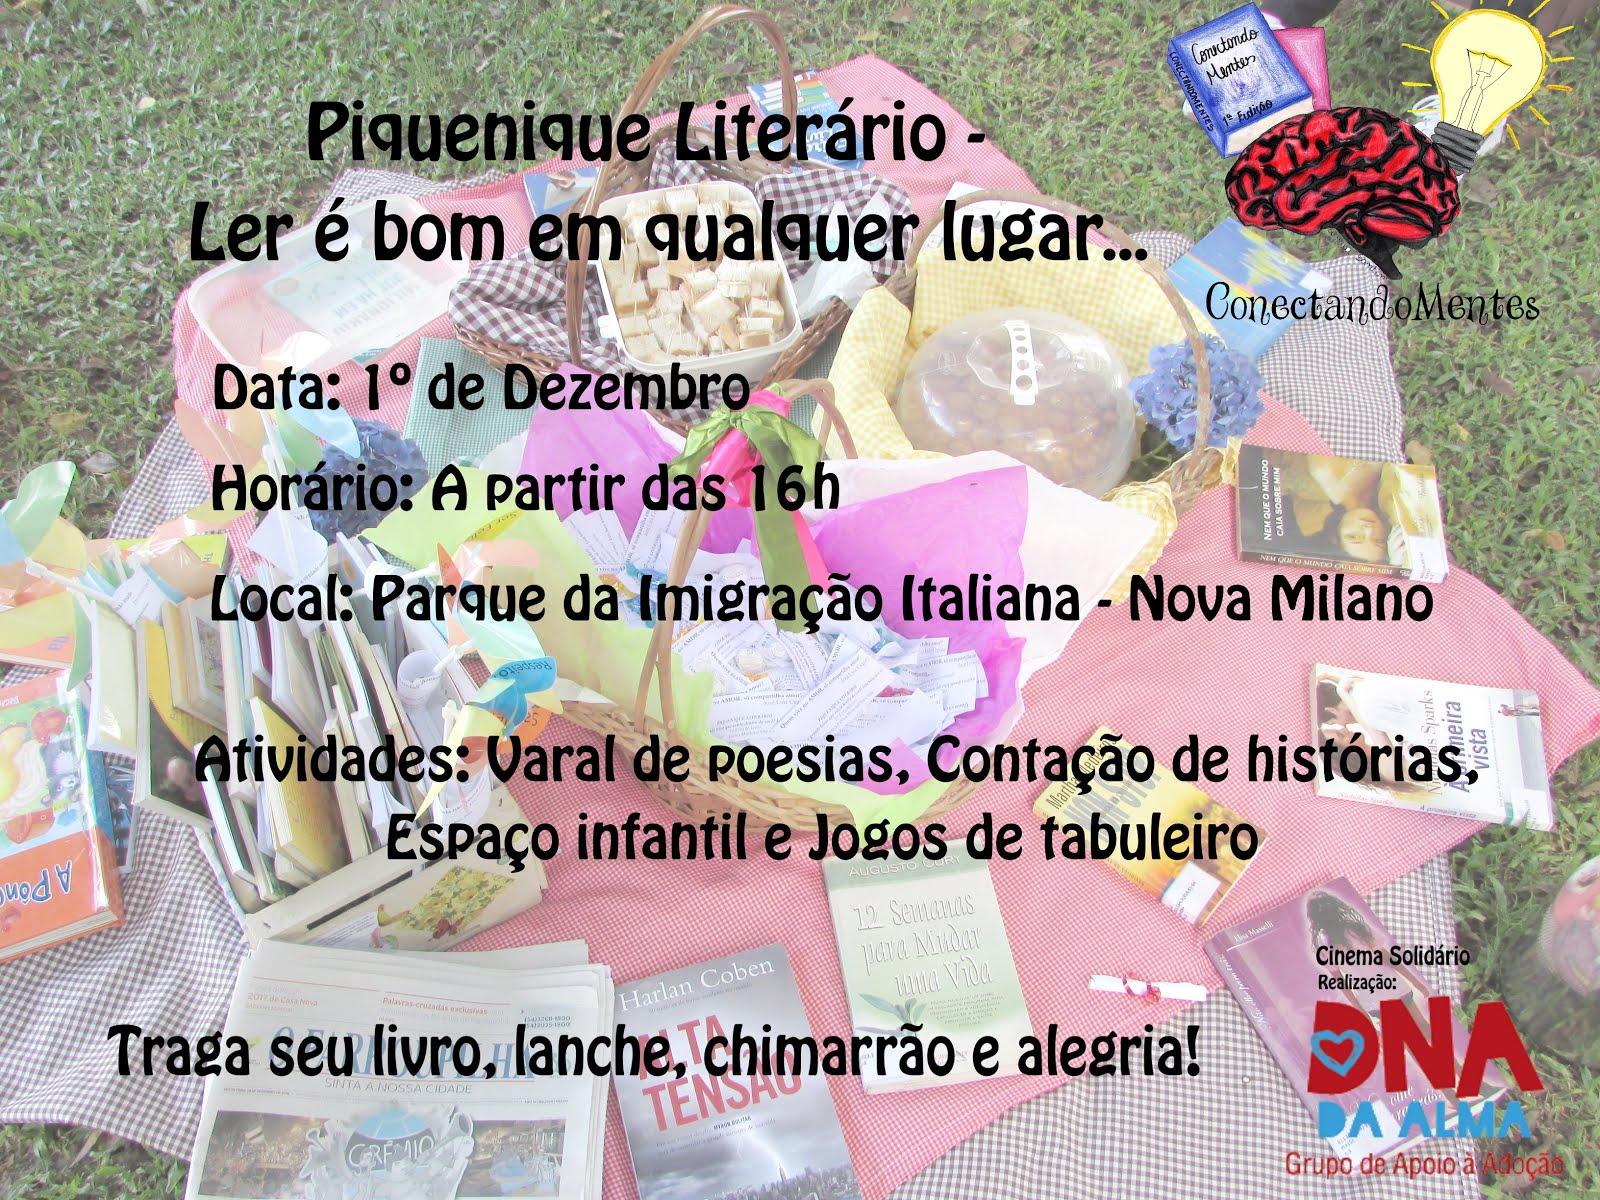 Piquenique Literário